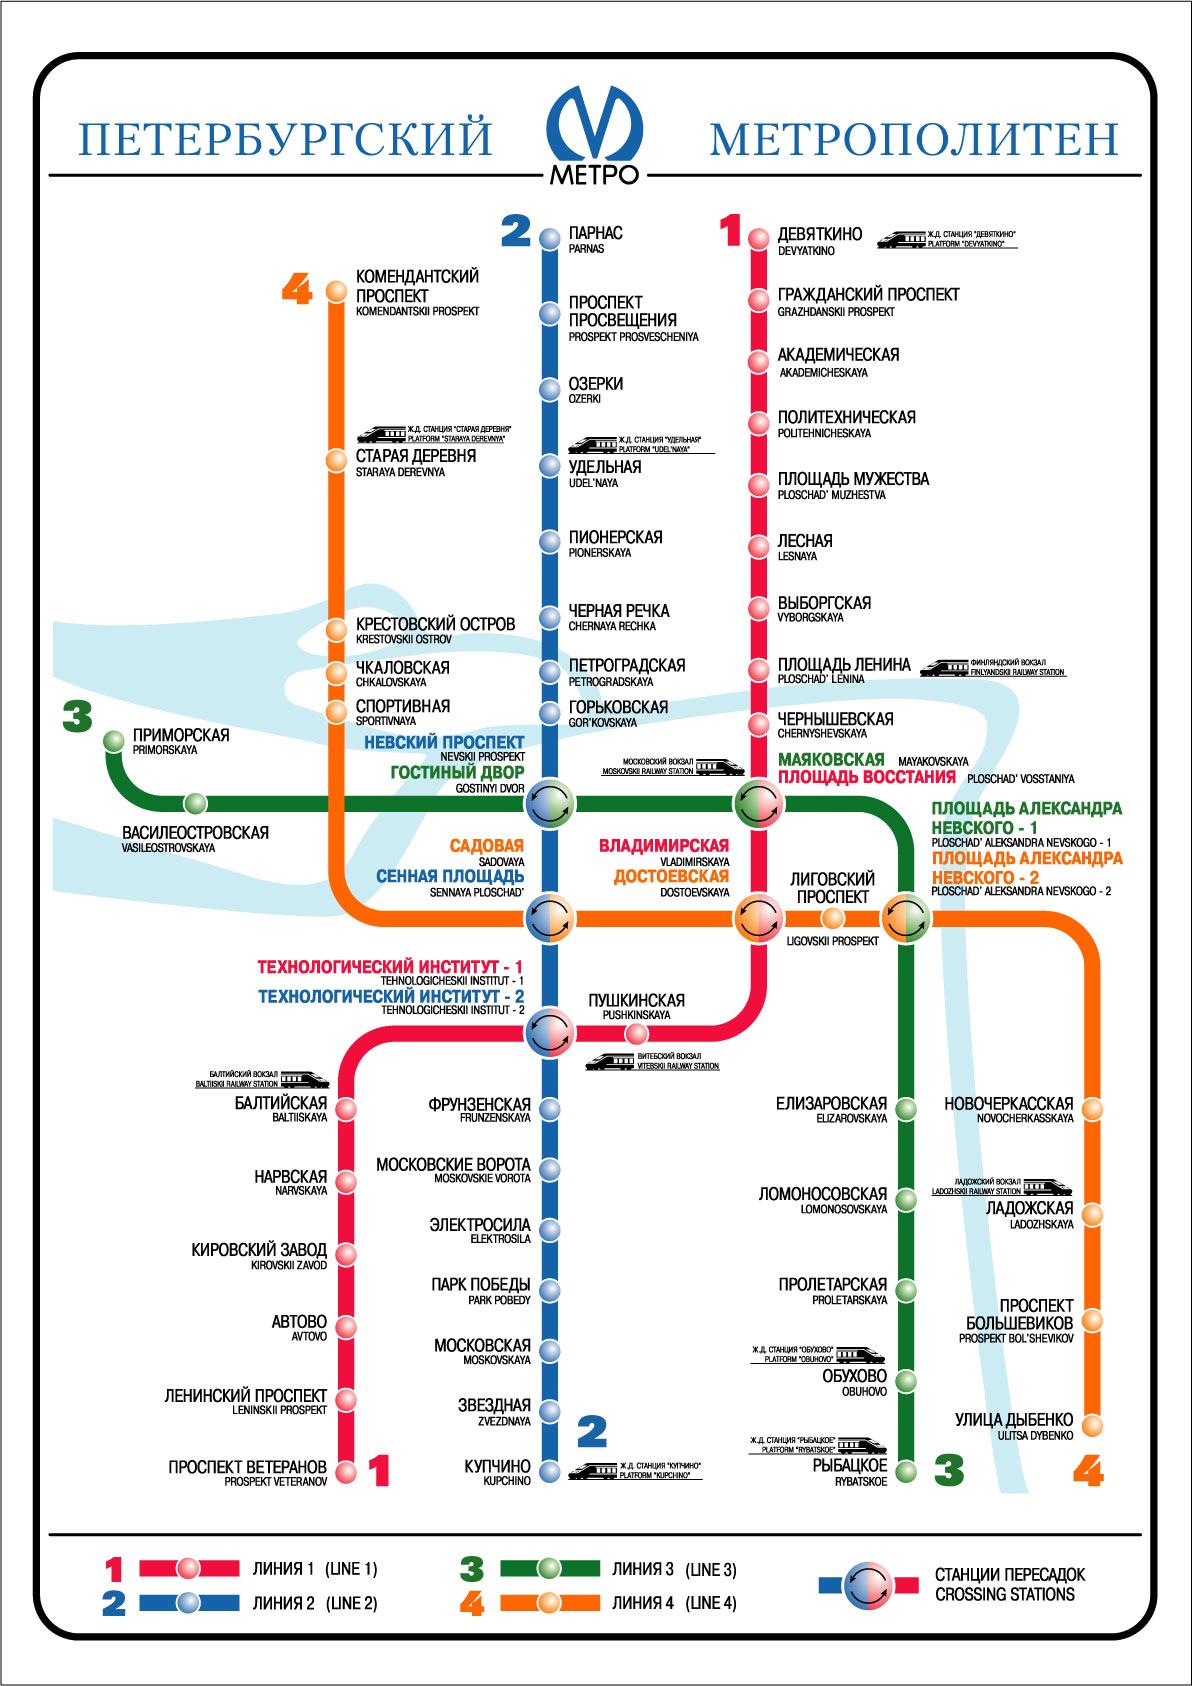 Перейти к статьям пользователей.  Меню сайта.  Схема метрополитена СПБ.  Протяженность веток.  Главная.